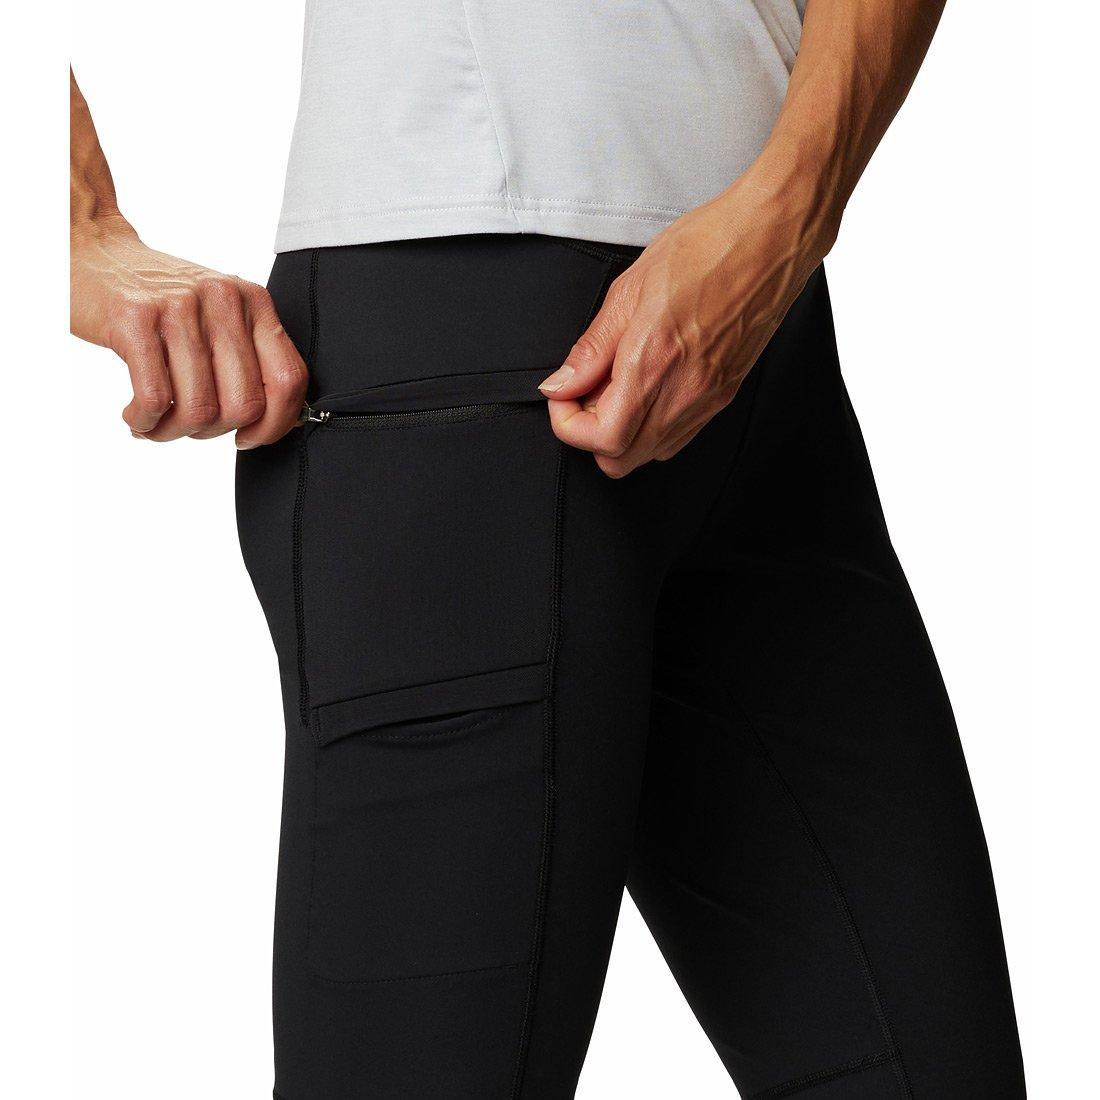 מכנסי טייטס ארוכים לנשים - Windgates 2 Legging - Columbia